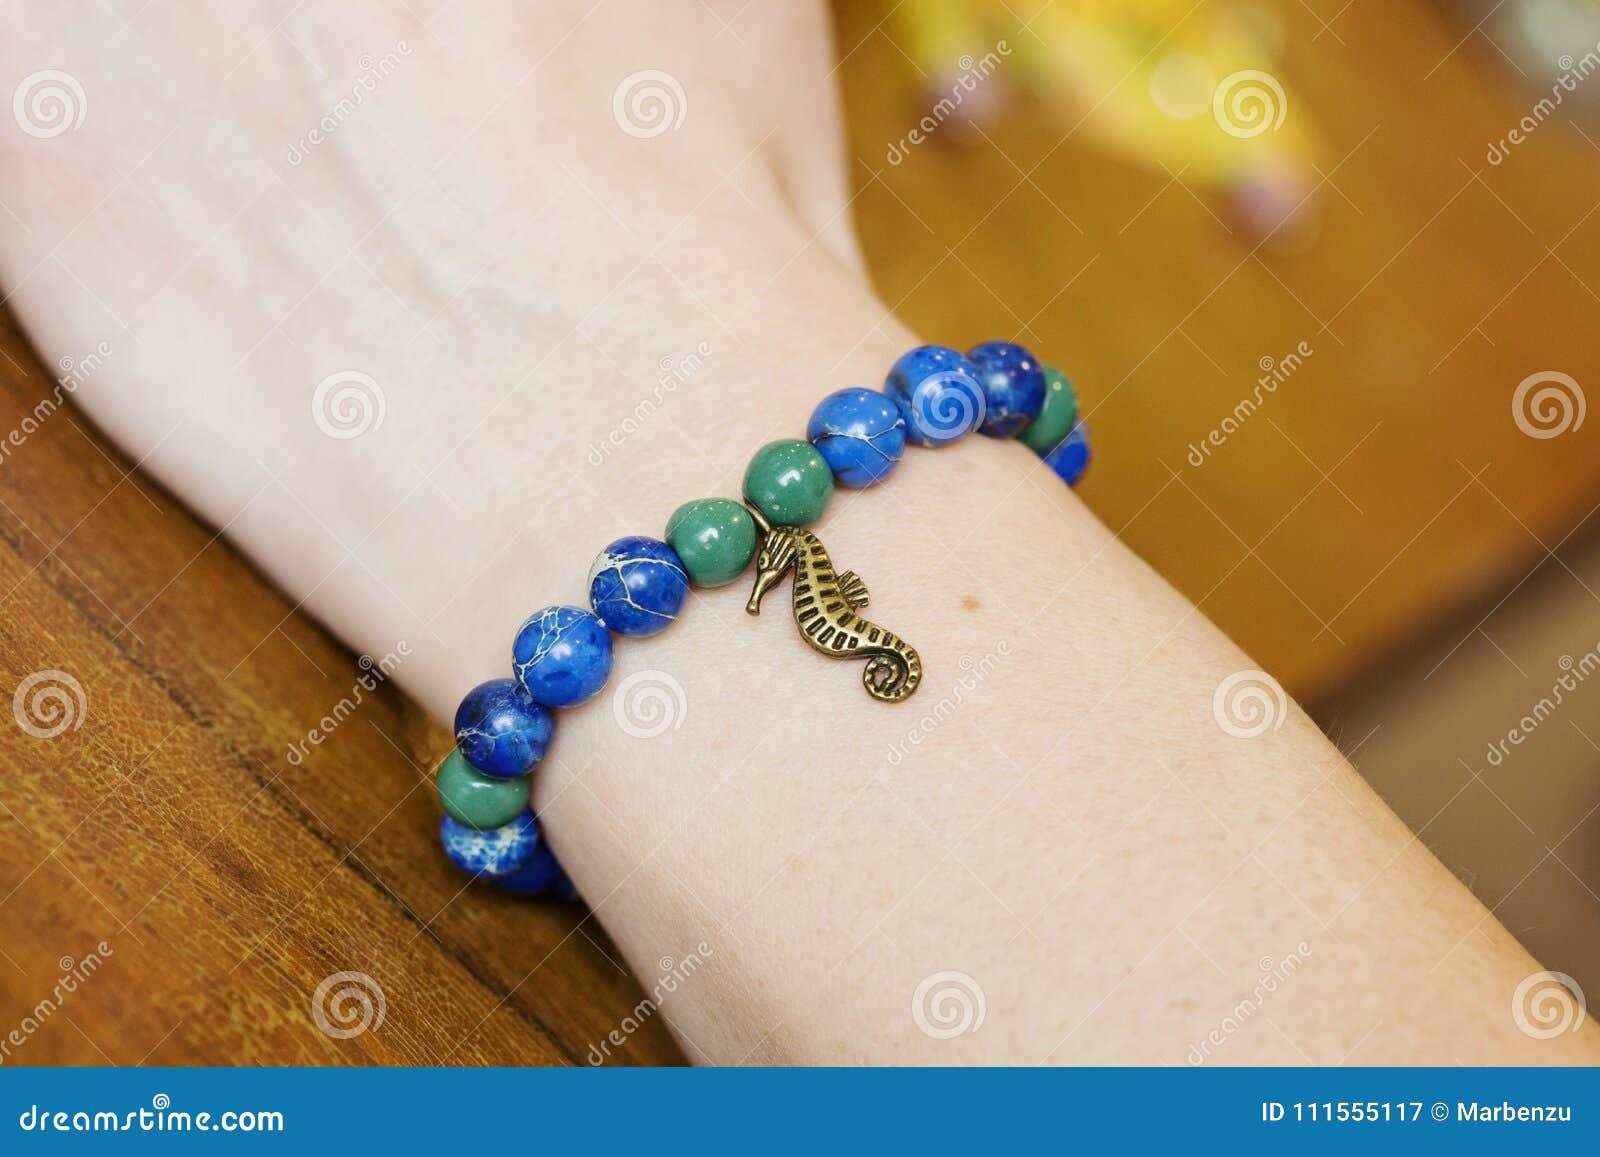 Bracelet made from jasper